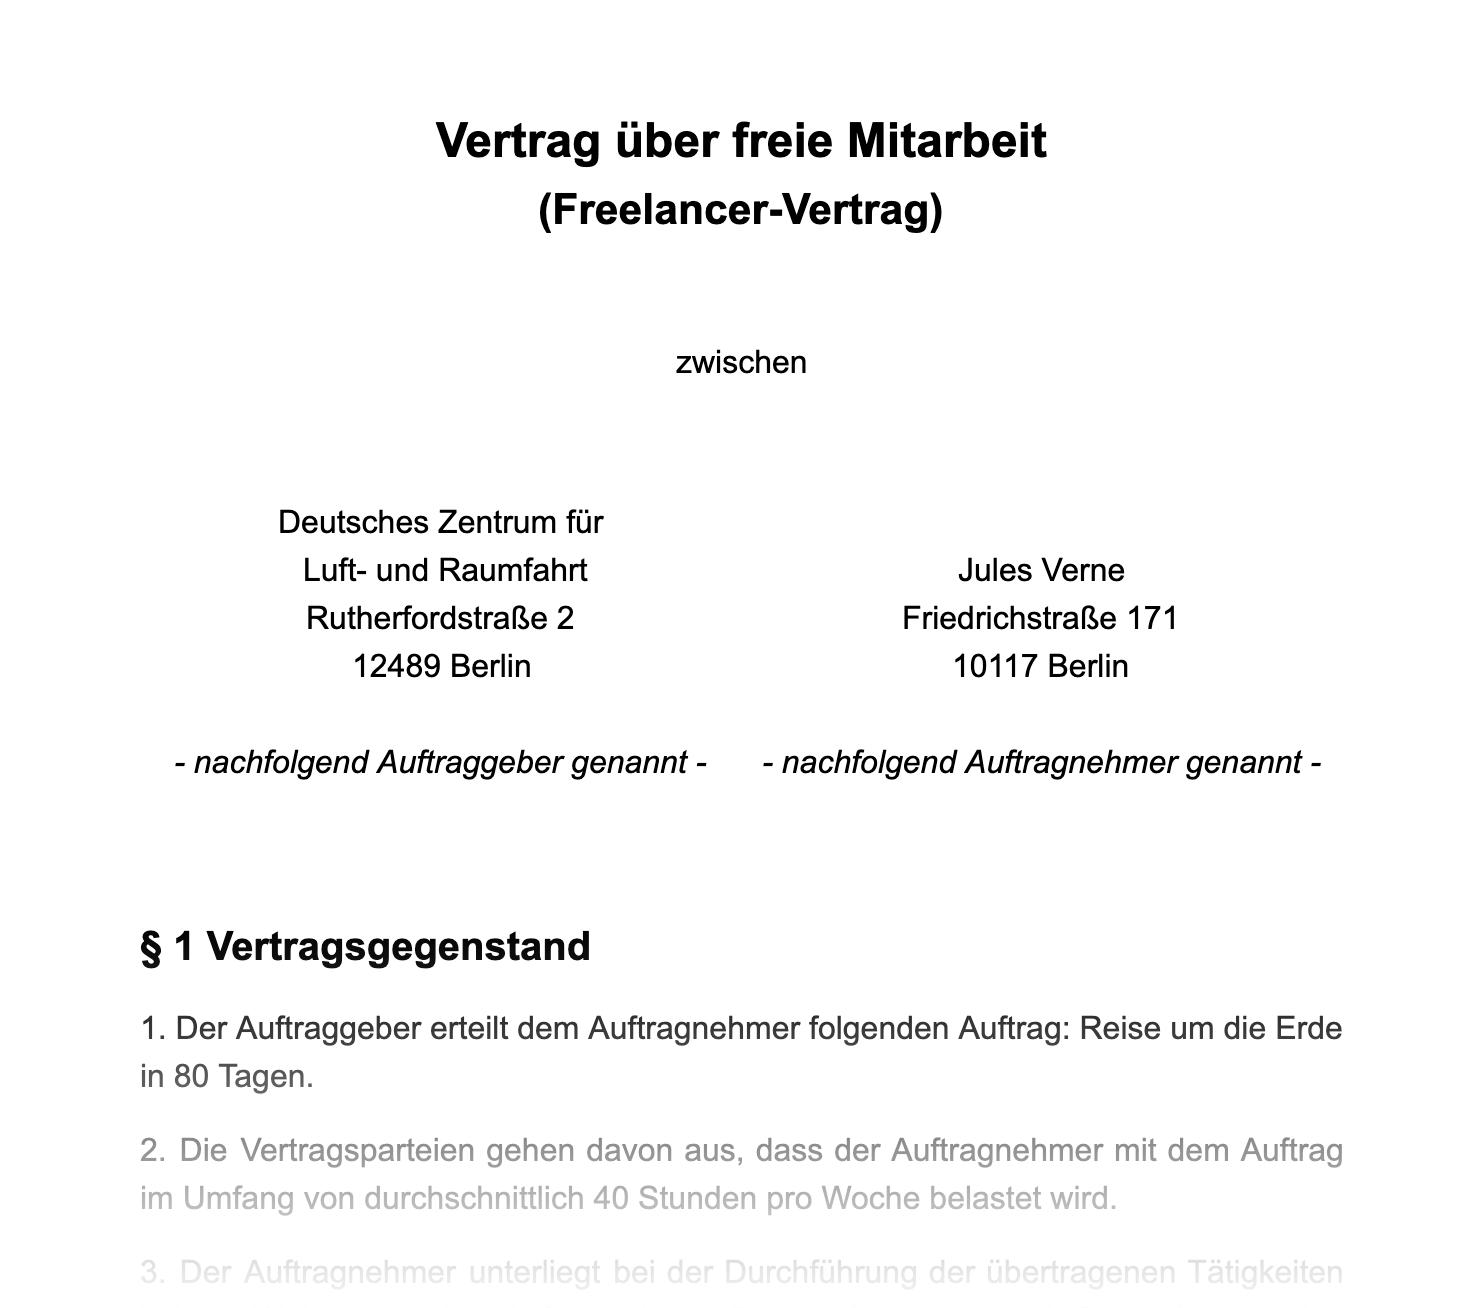 Muster eines Vertrages über freie Mitarbeit